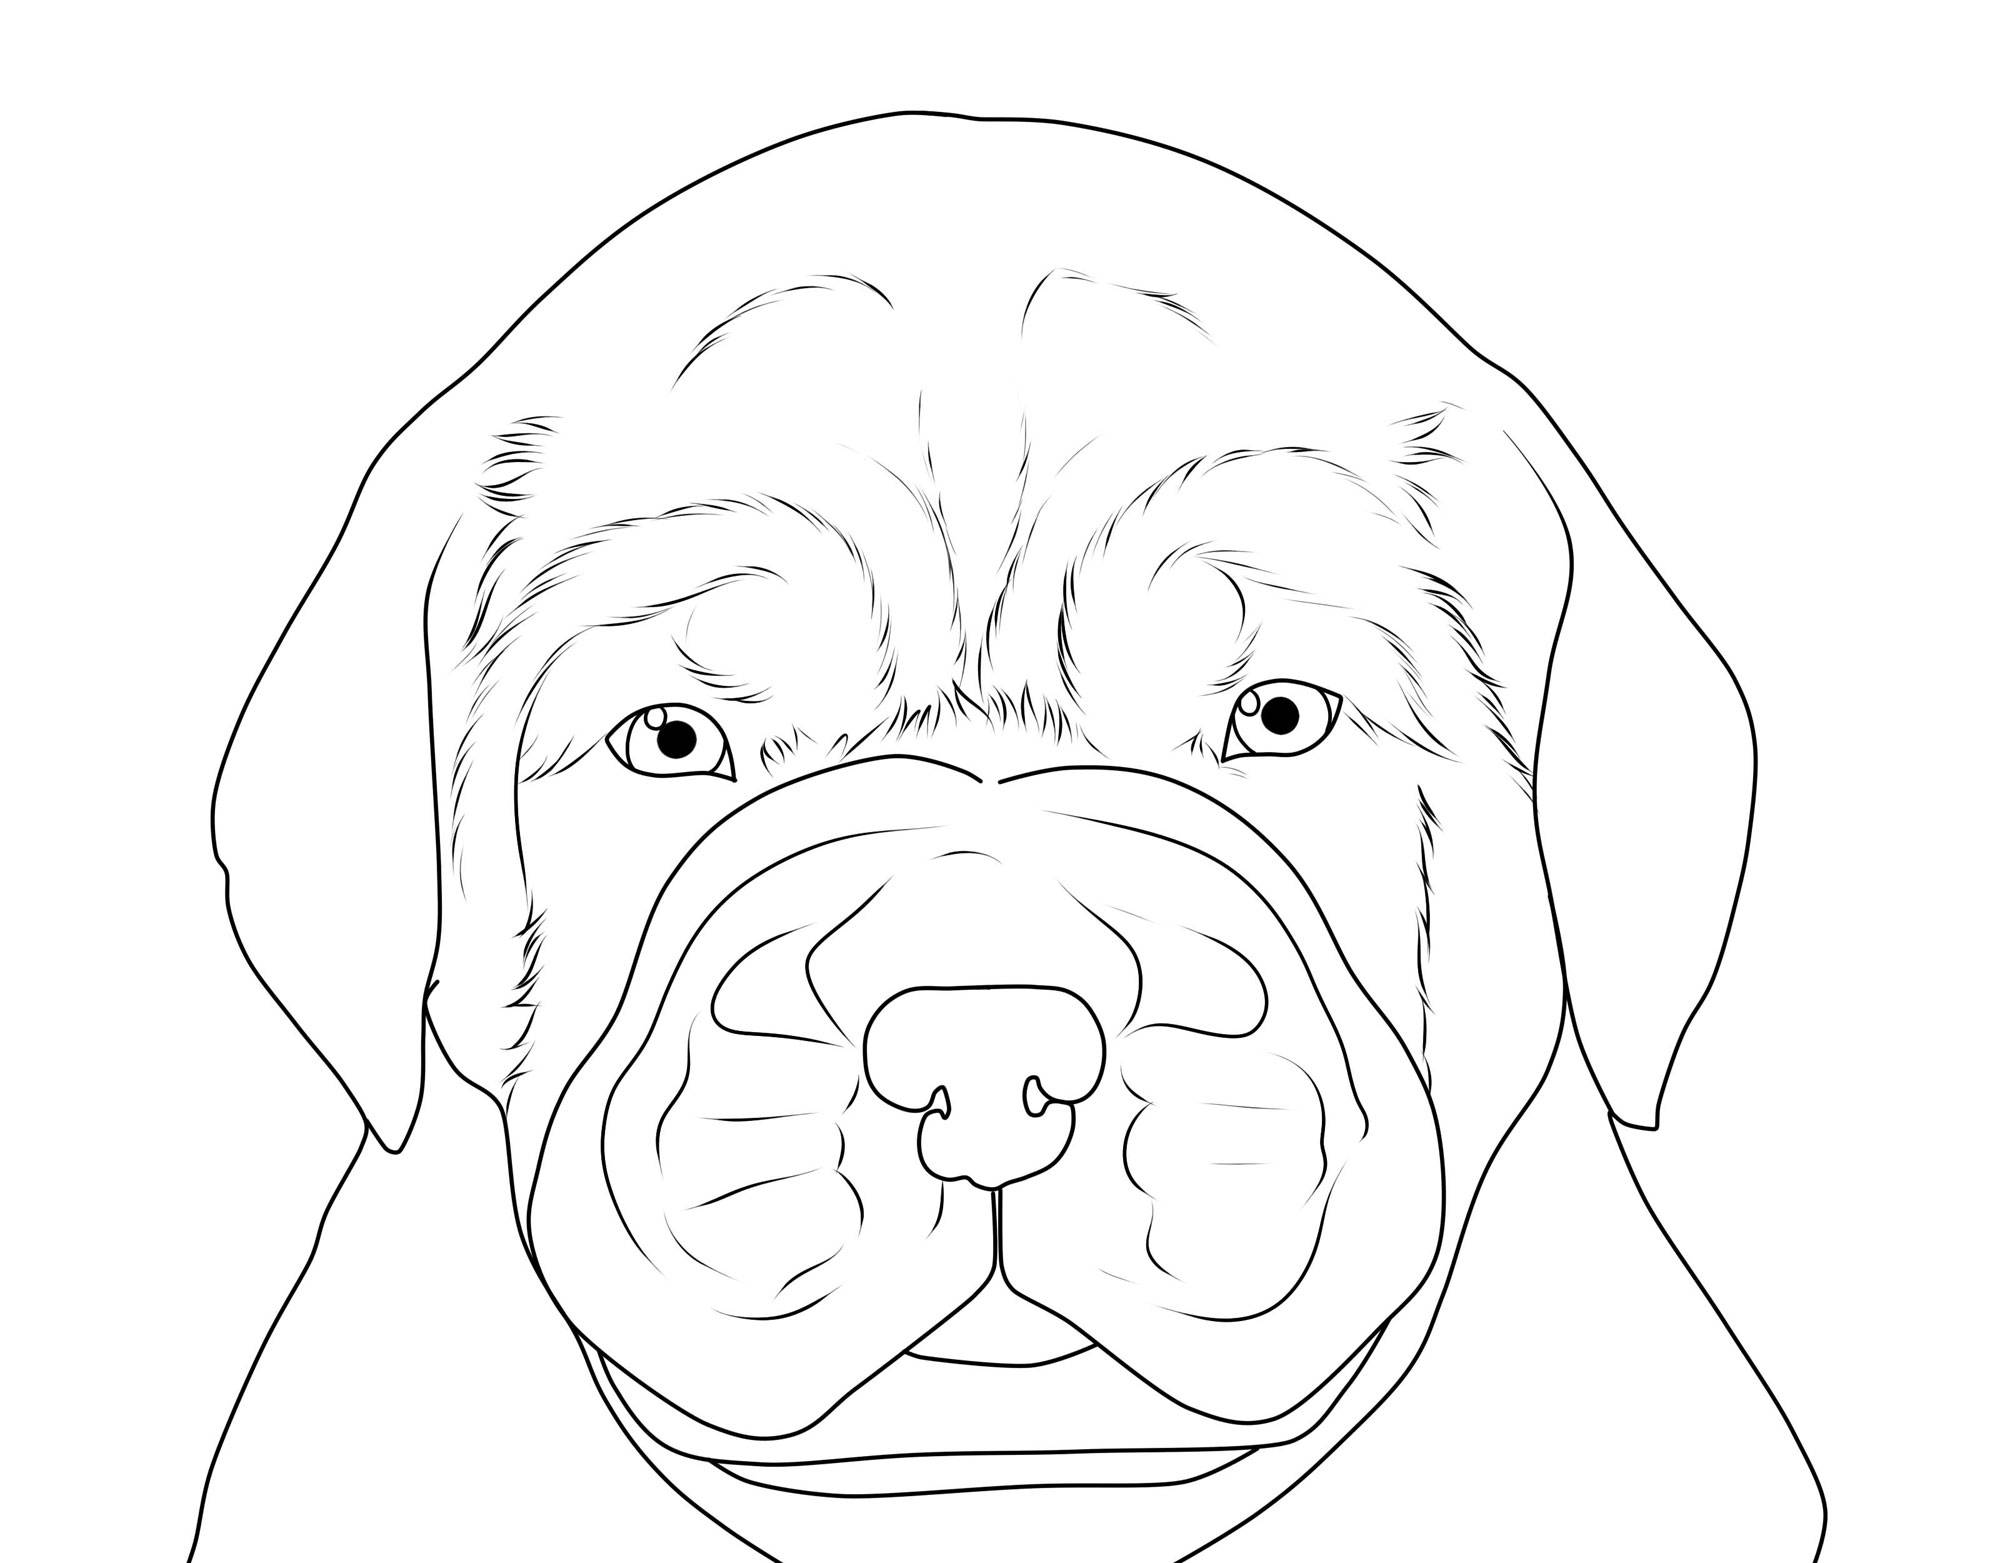 kostenlose malvorlage hunde bordeauxdogge zum ausmalen